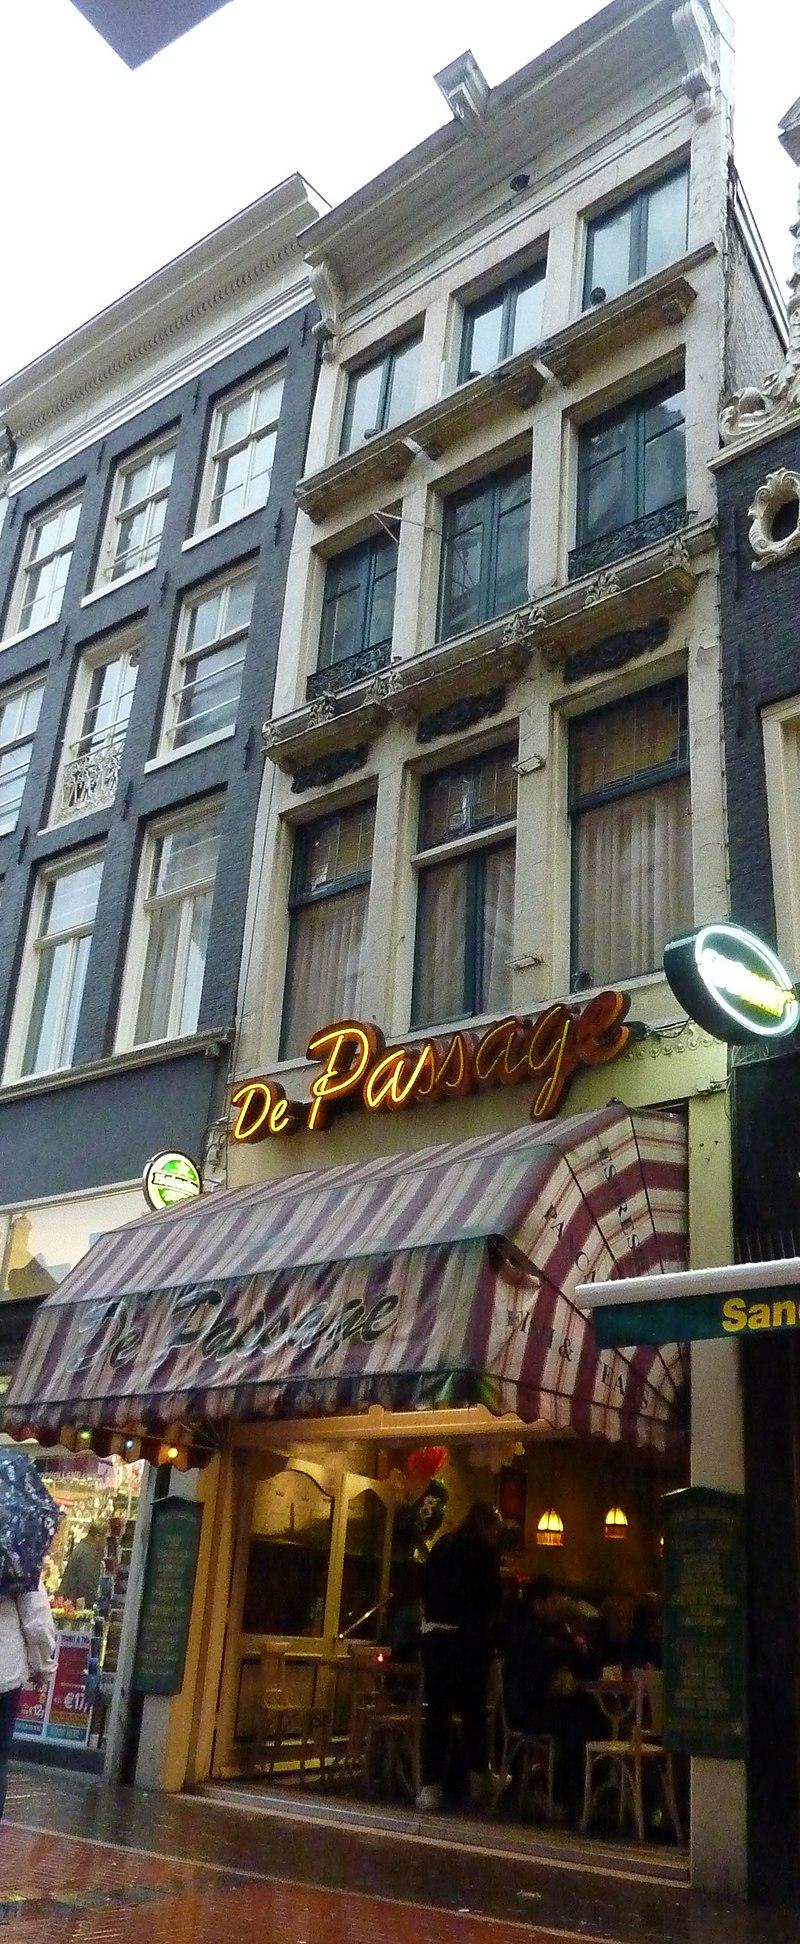 Tassen Nieuwendijk Amsterdam : Pand met gepleisterde gevel onder rechte lijst